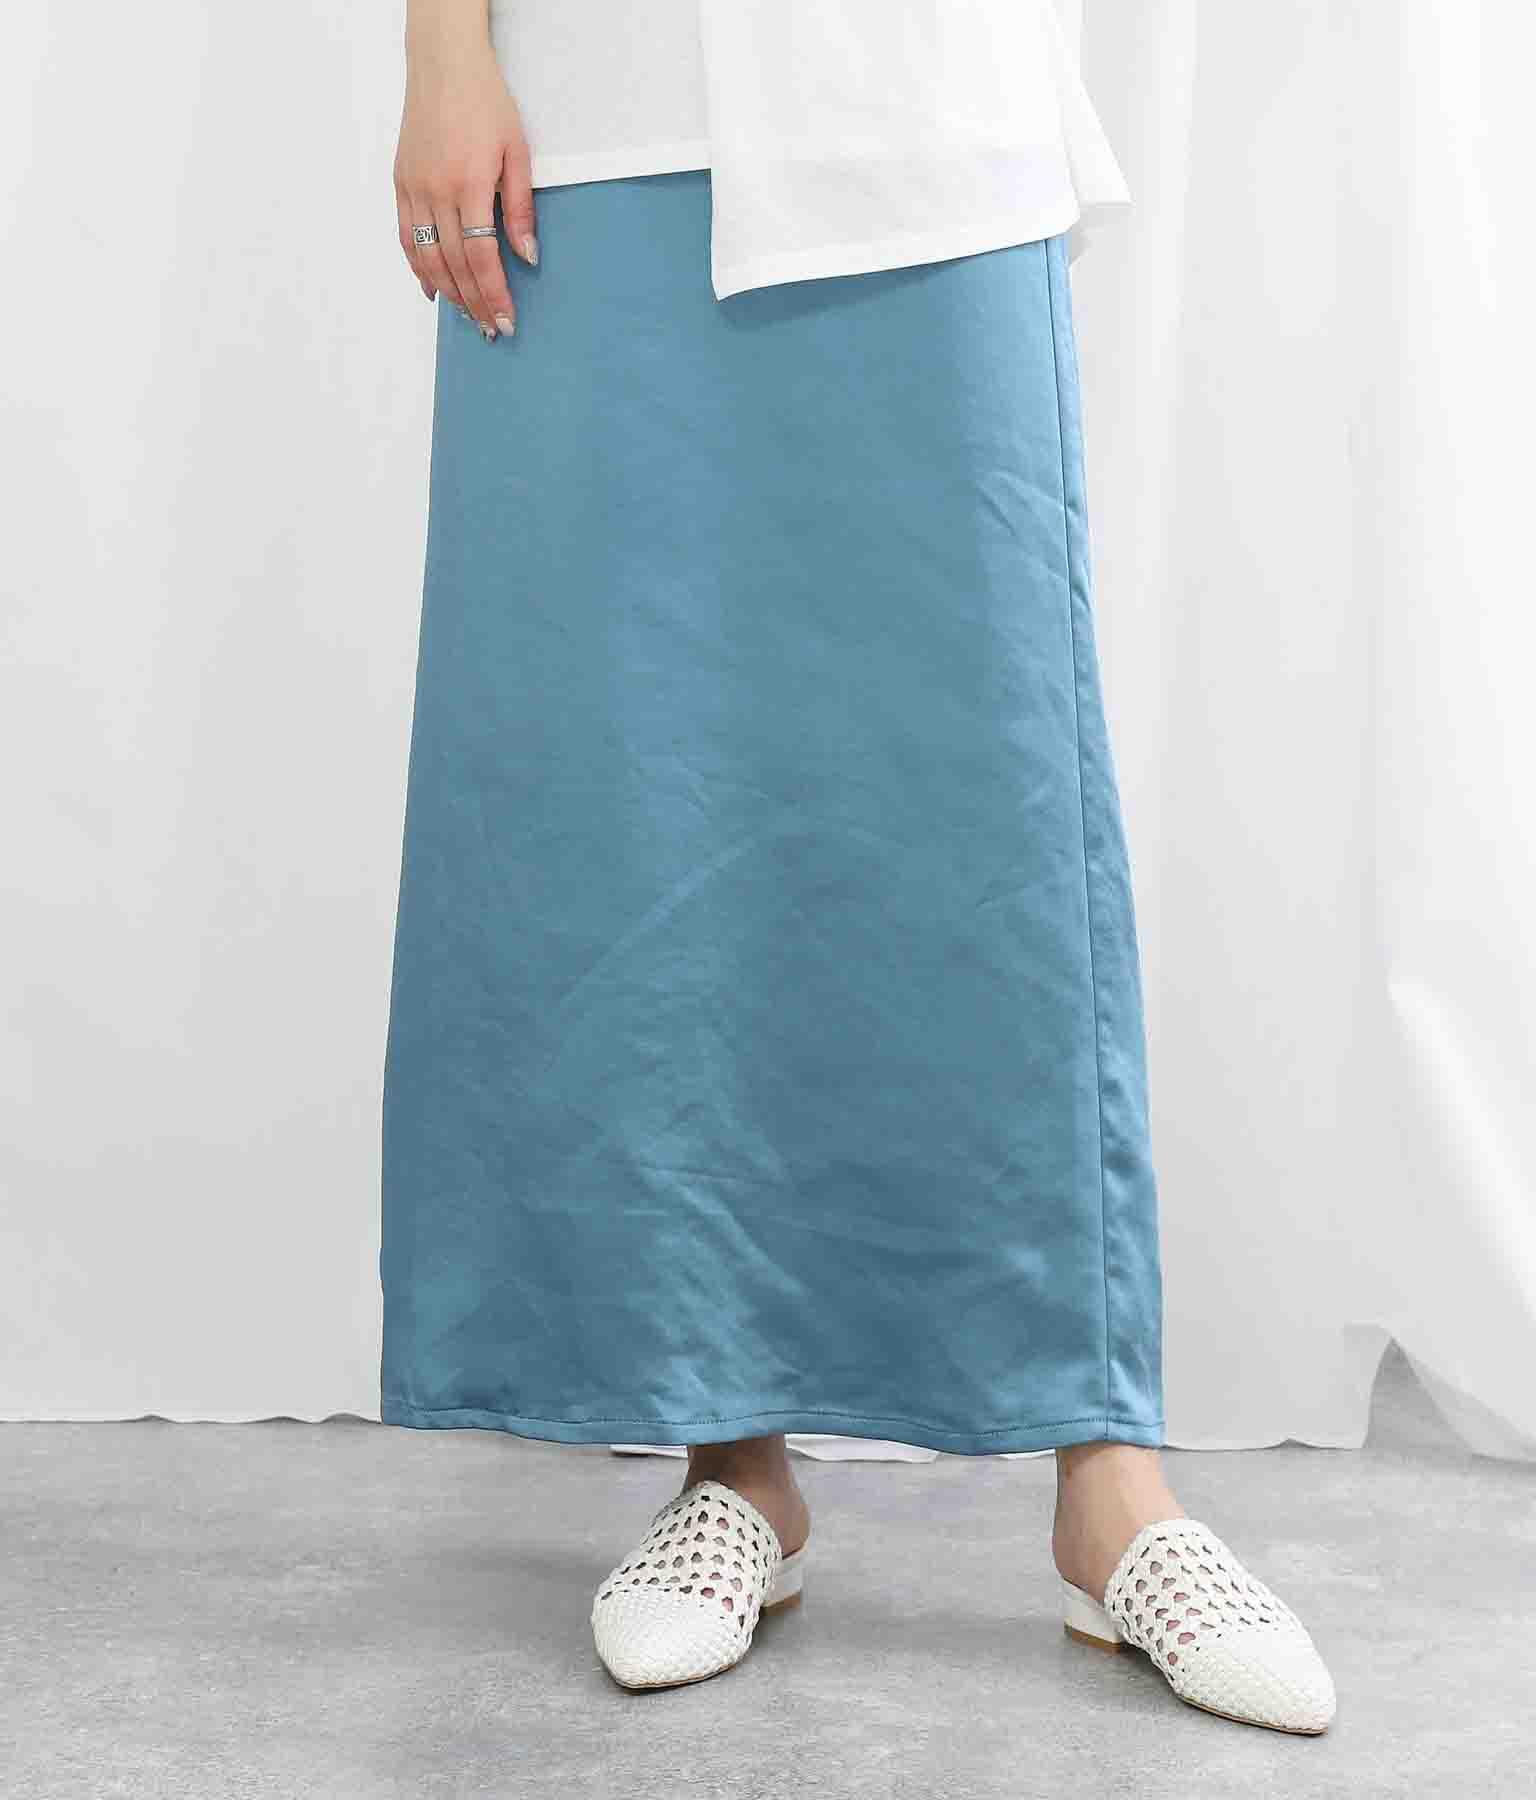 ヴィンテージサテンIラインマキシ丈スカート